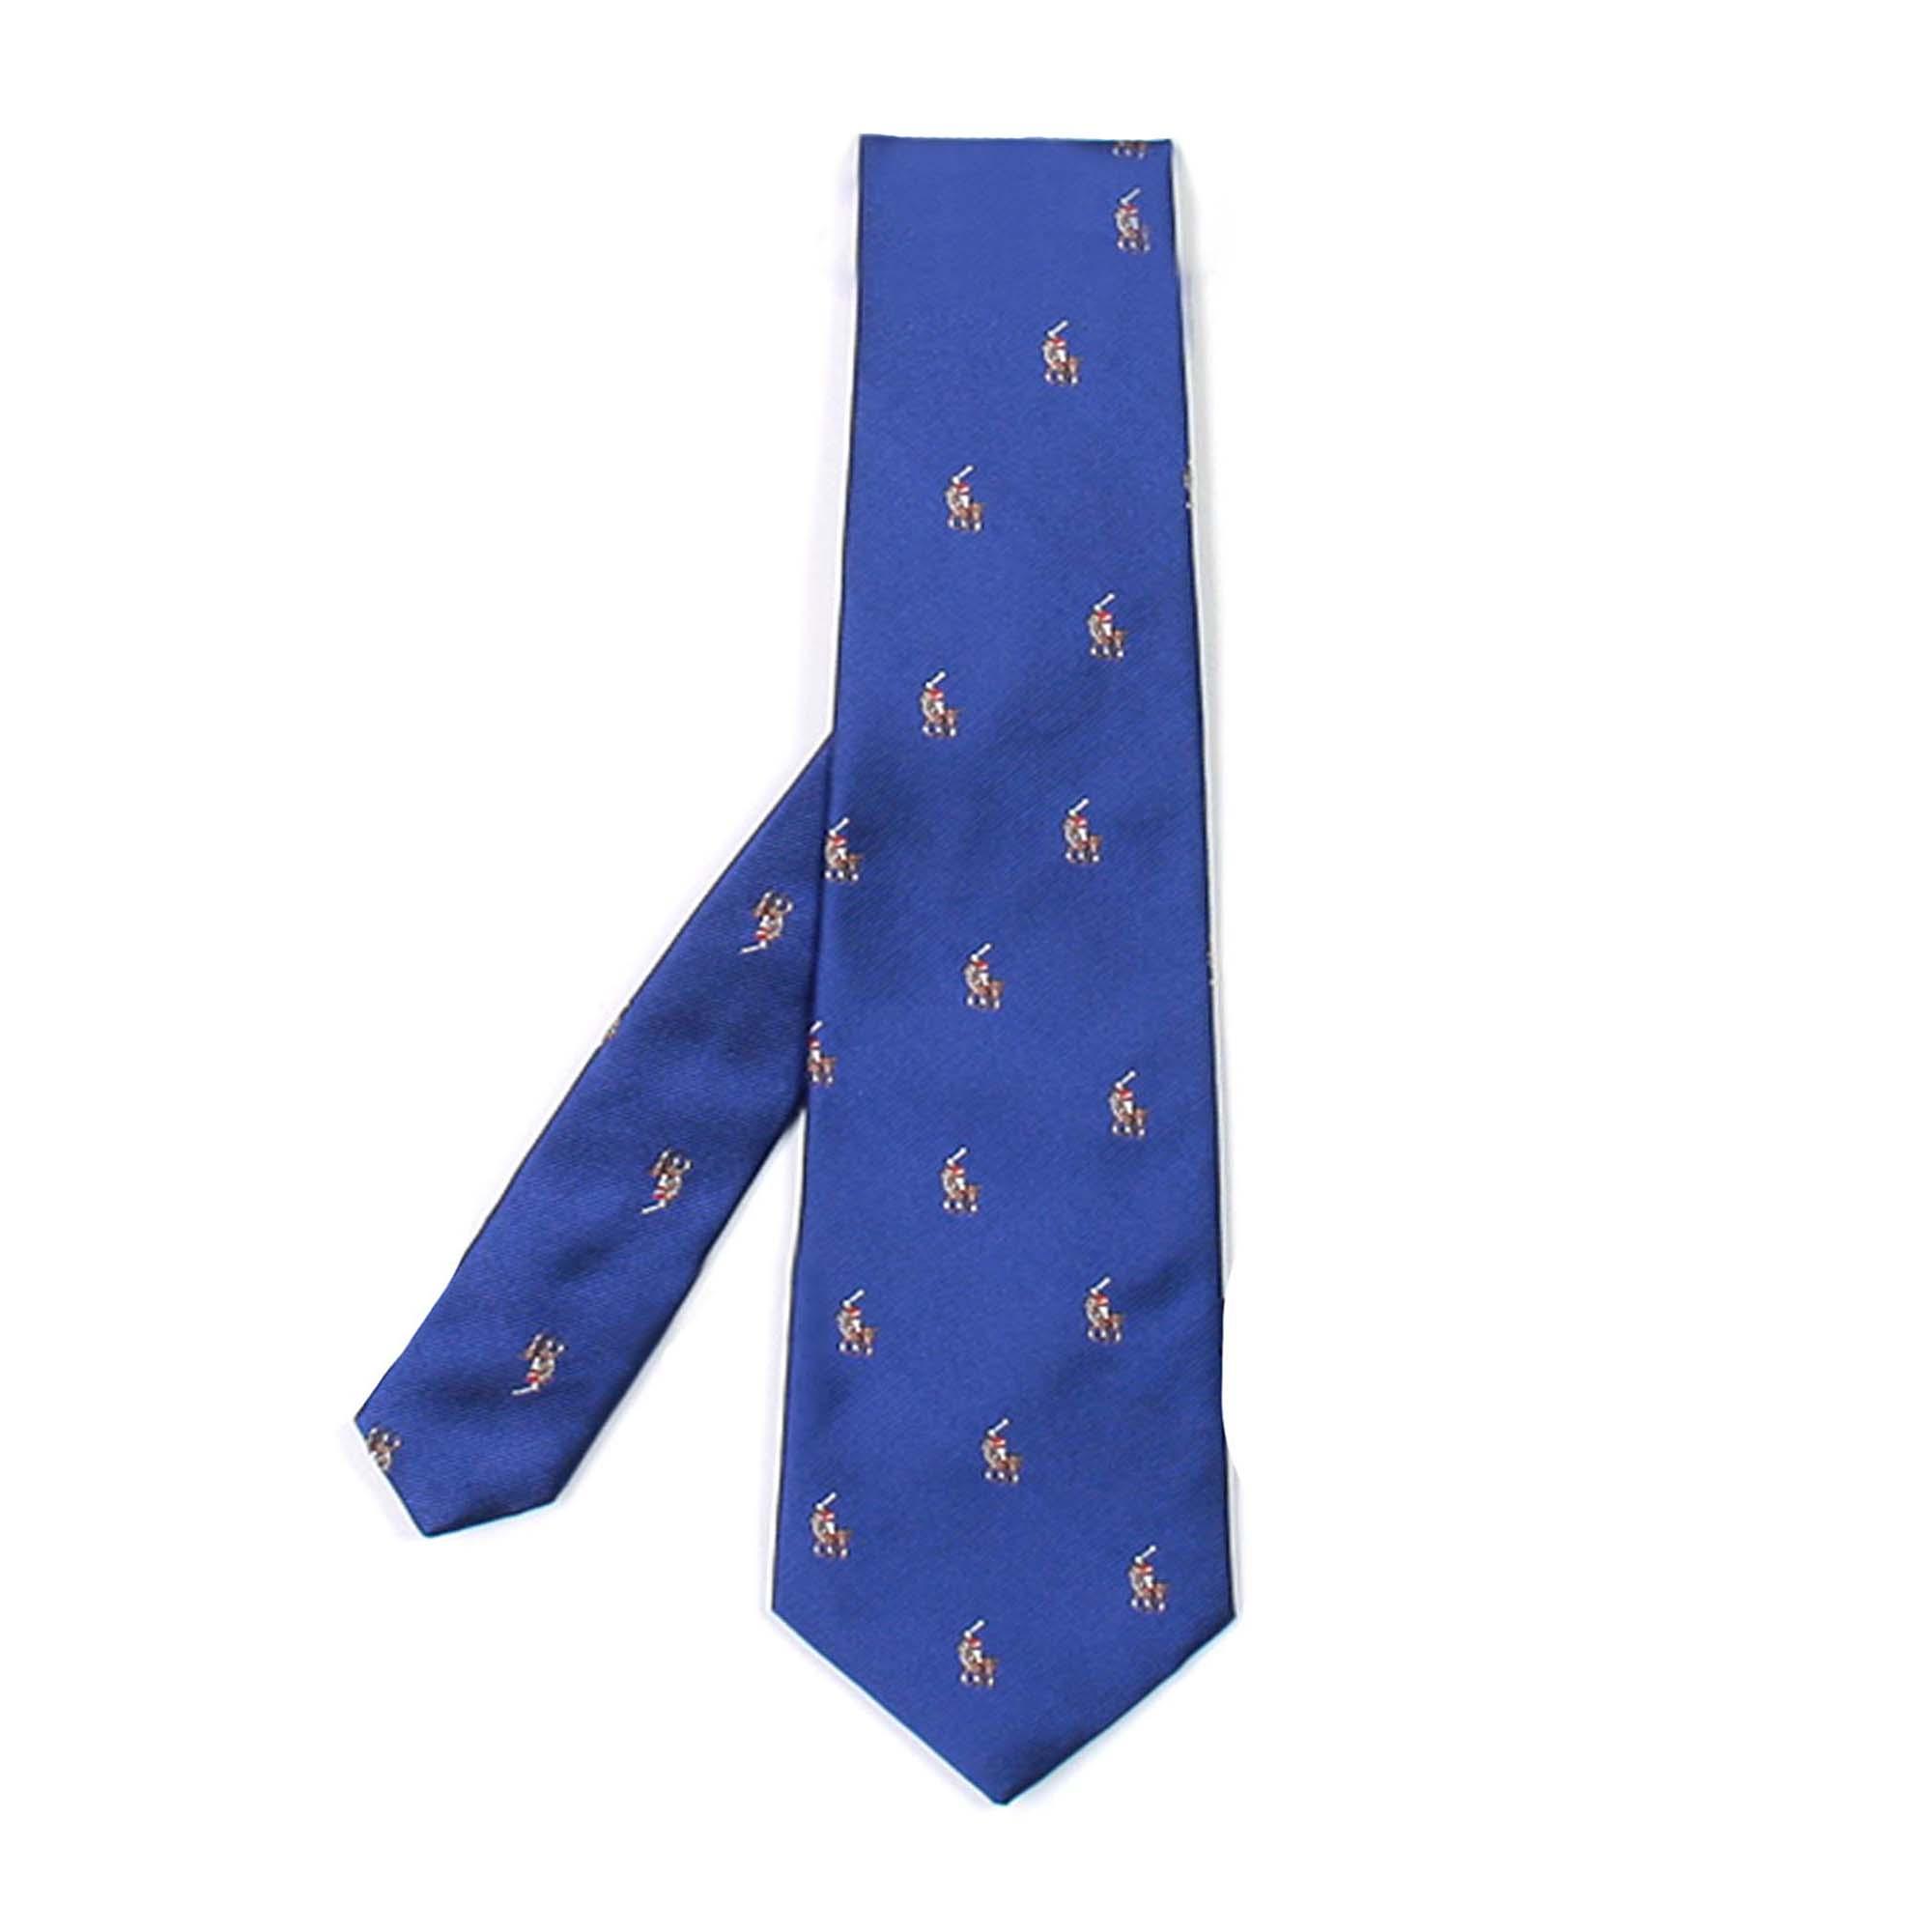 on sale a5d36 43127 Cravatta Bambino Blu In Reps Di Seta Con Pony